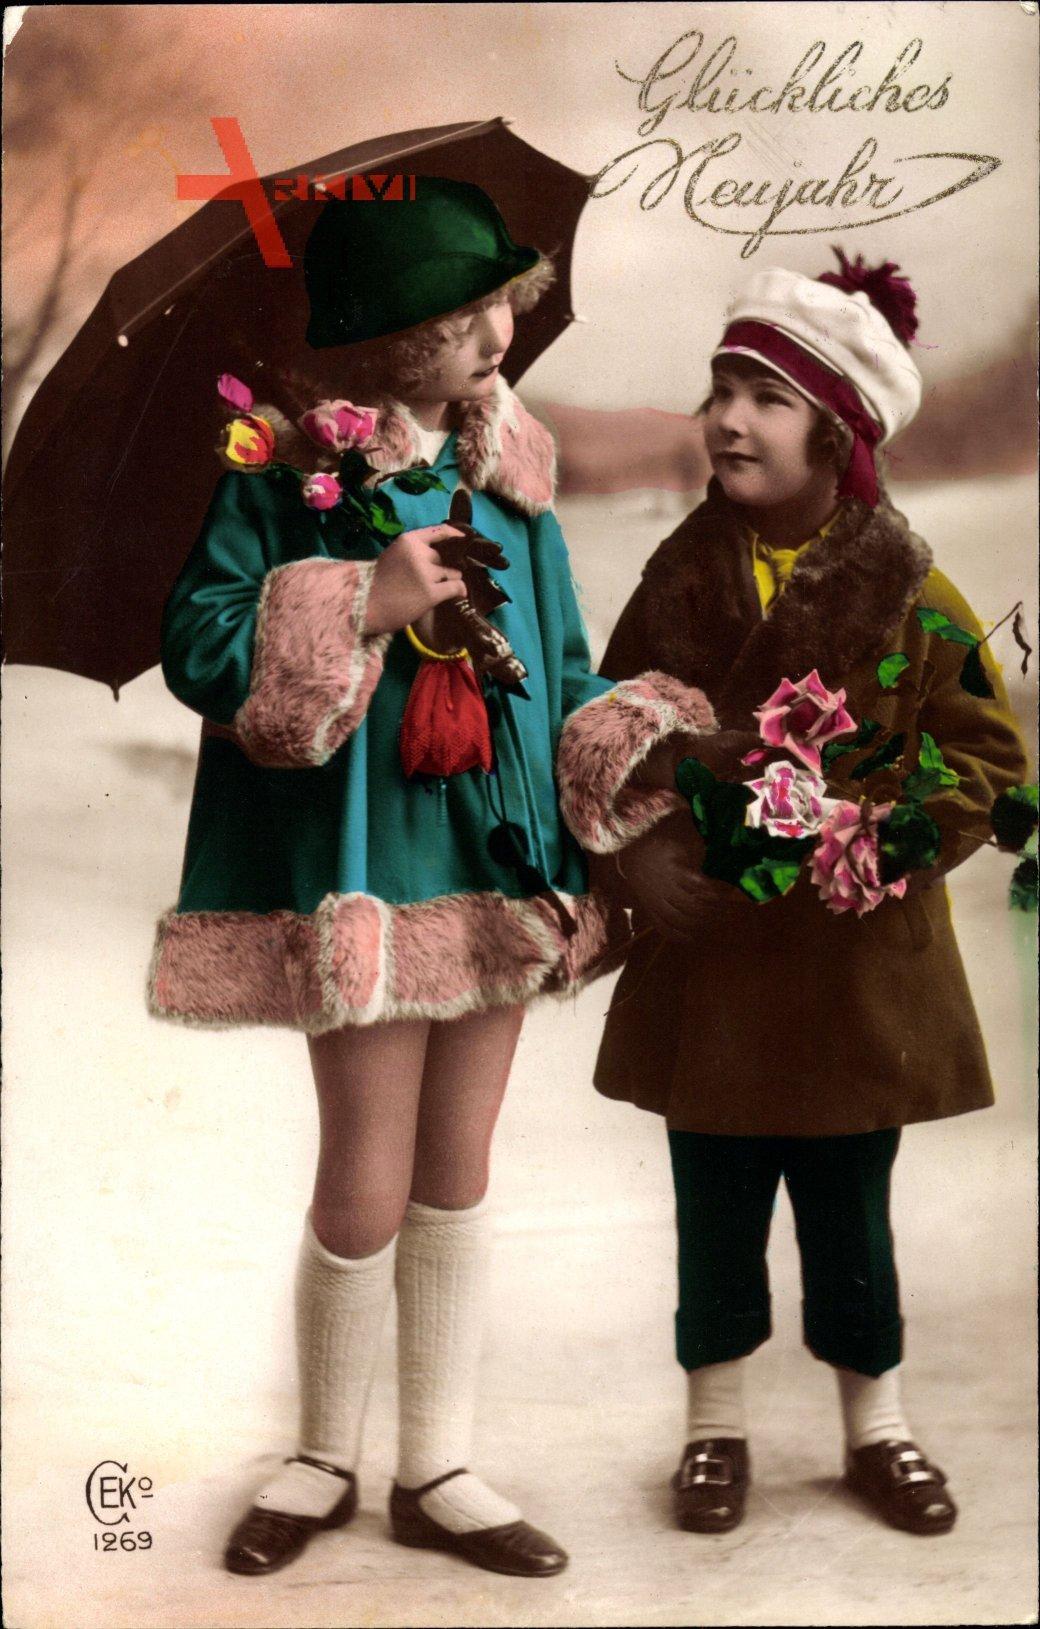 Glückwunsch Neujahr, Zwei kleine Mädchen, Regenschirm, BLumen